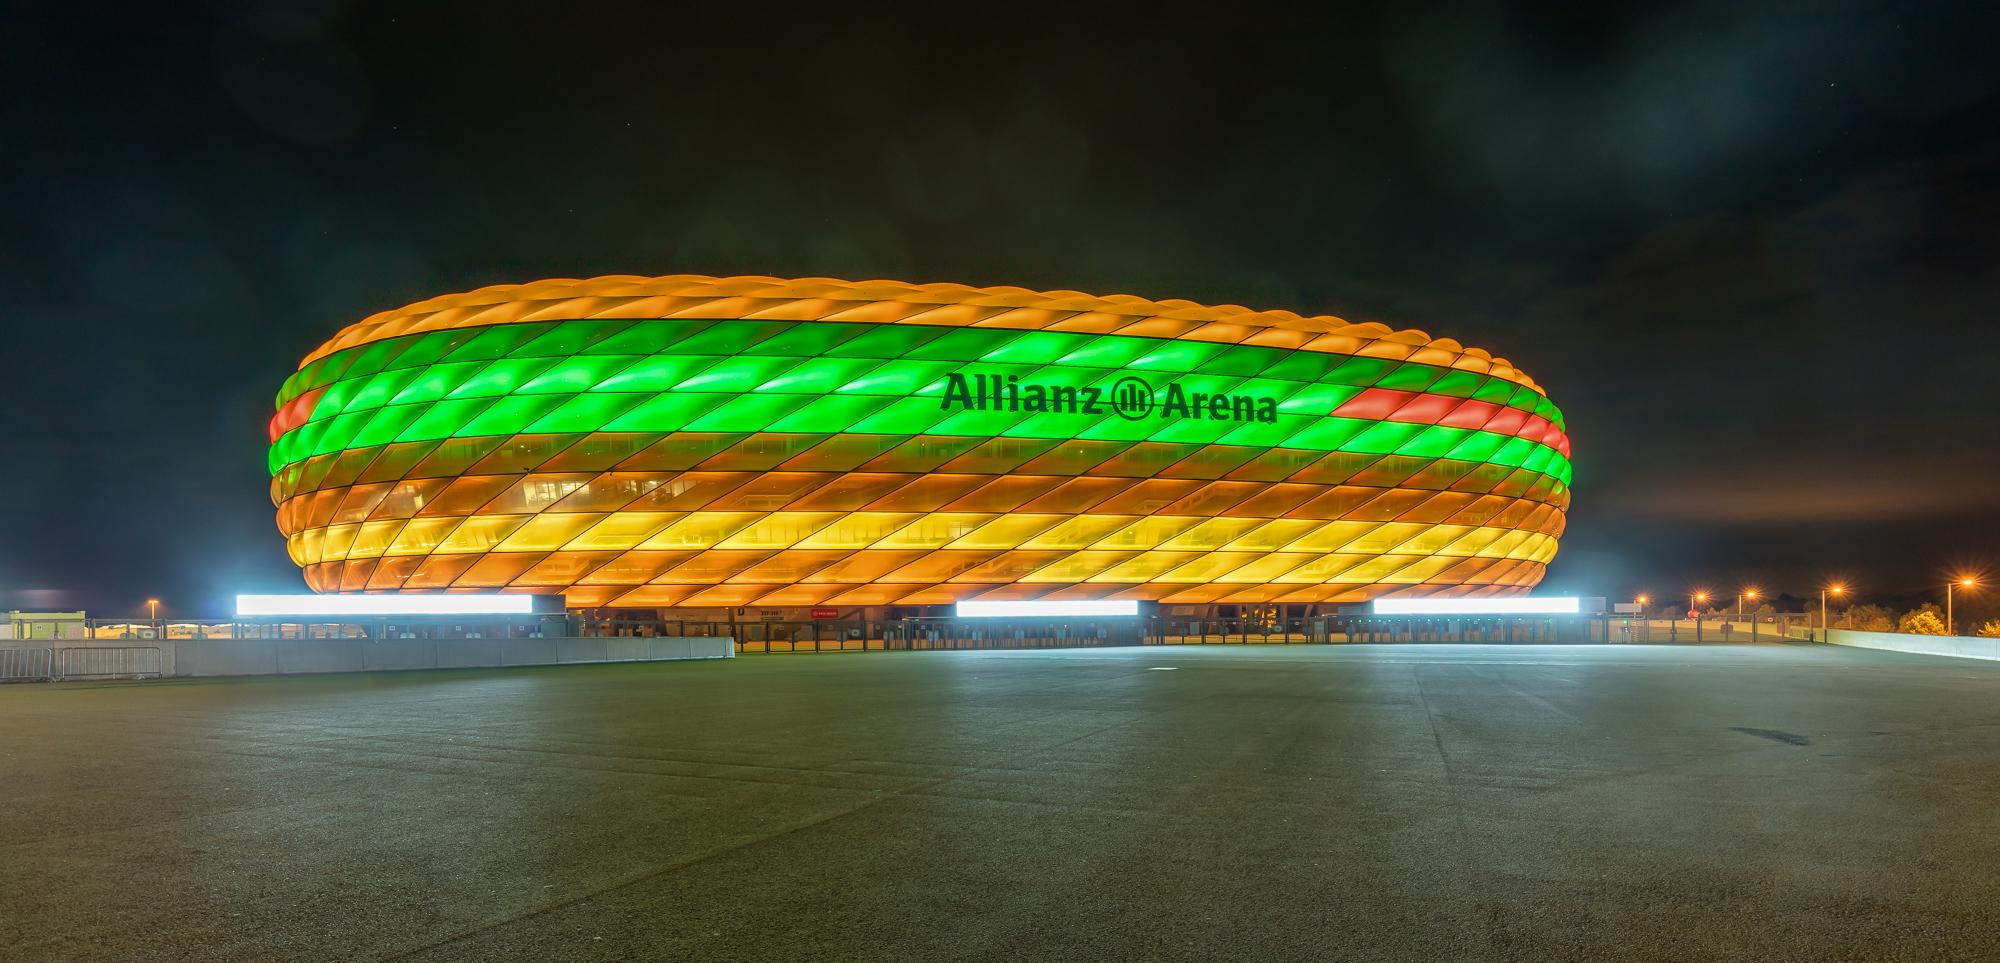 Allianz-Arena als Bio-Burger Foto & Bild | architektur, architektur ...